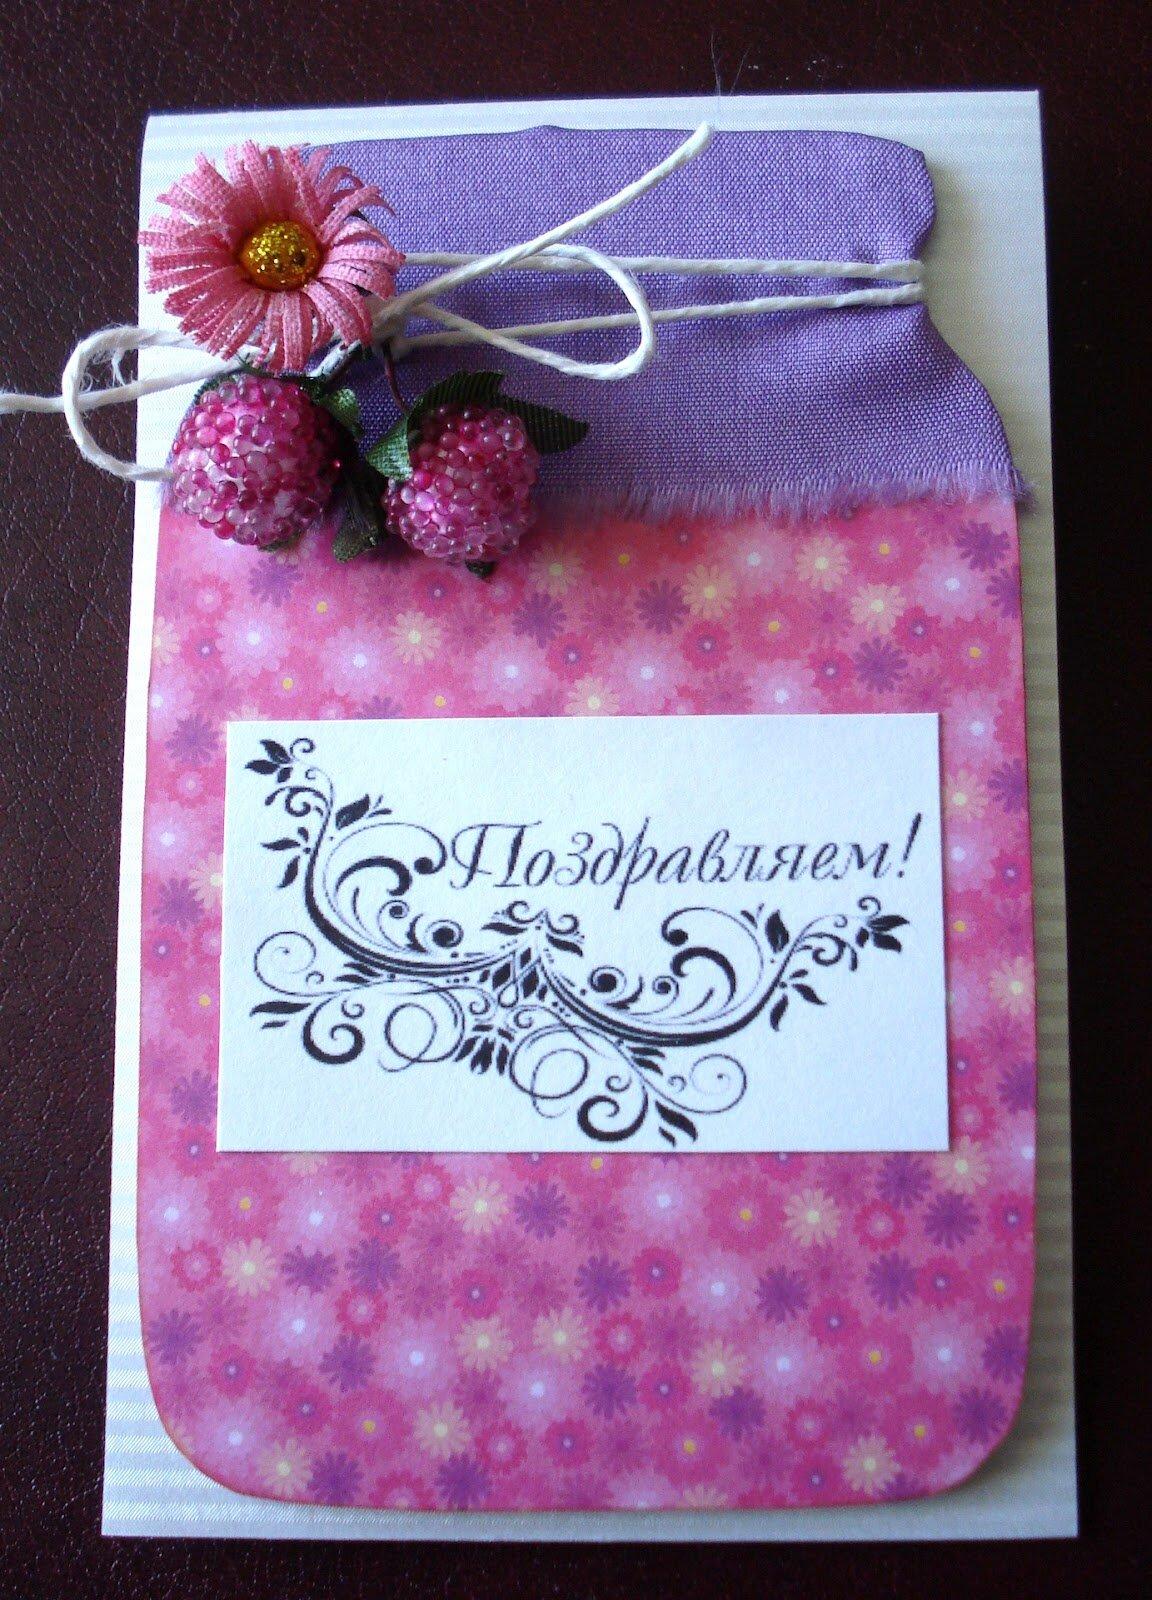 Что можно сделать бабушке на день рождения открытку, картинки